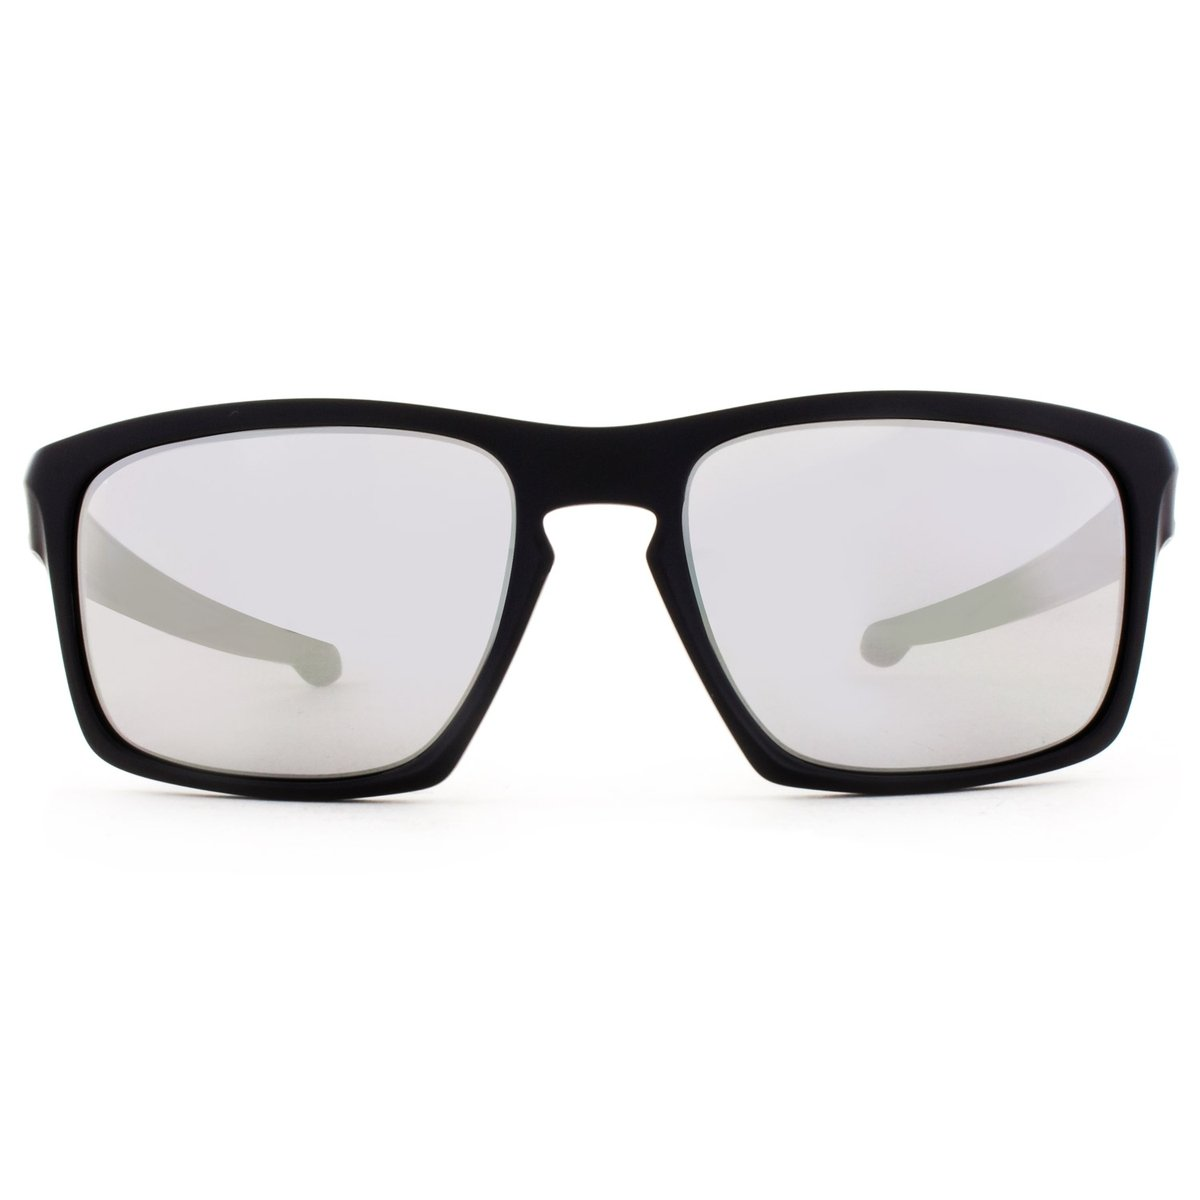 a5ca979d510da Óculos de Sol Oakley Sliver (L) OO9262 26-57 Masculino - Compre Agora